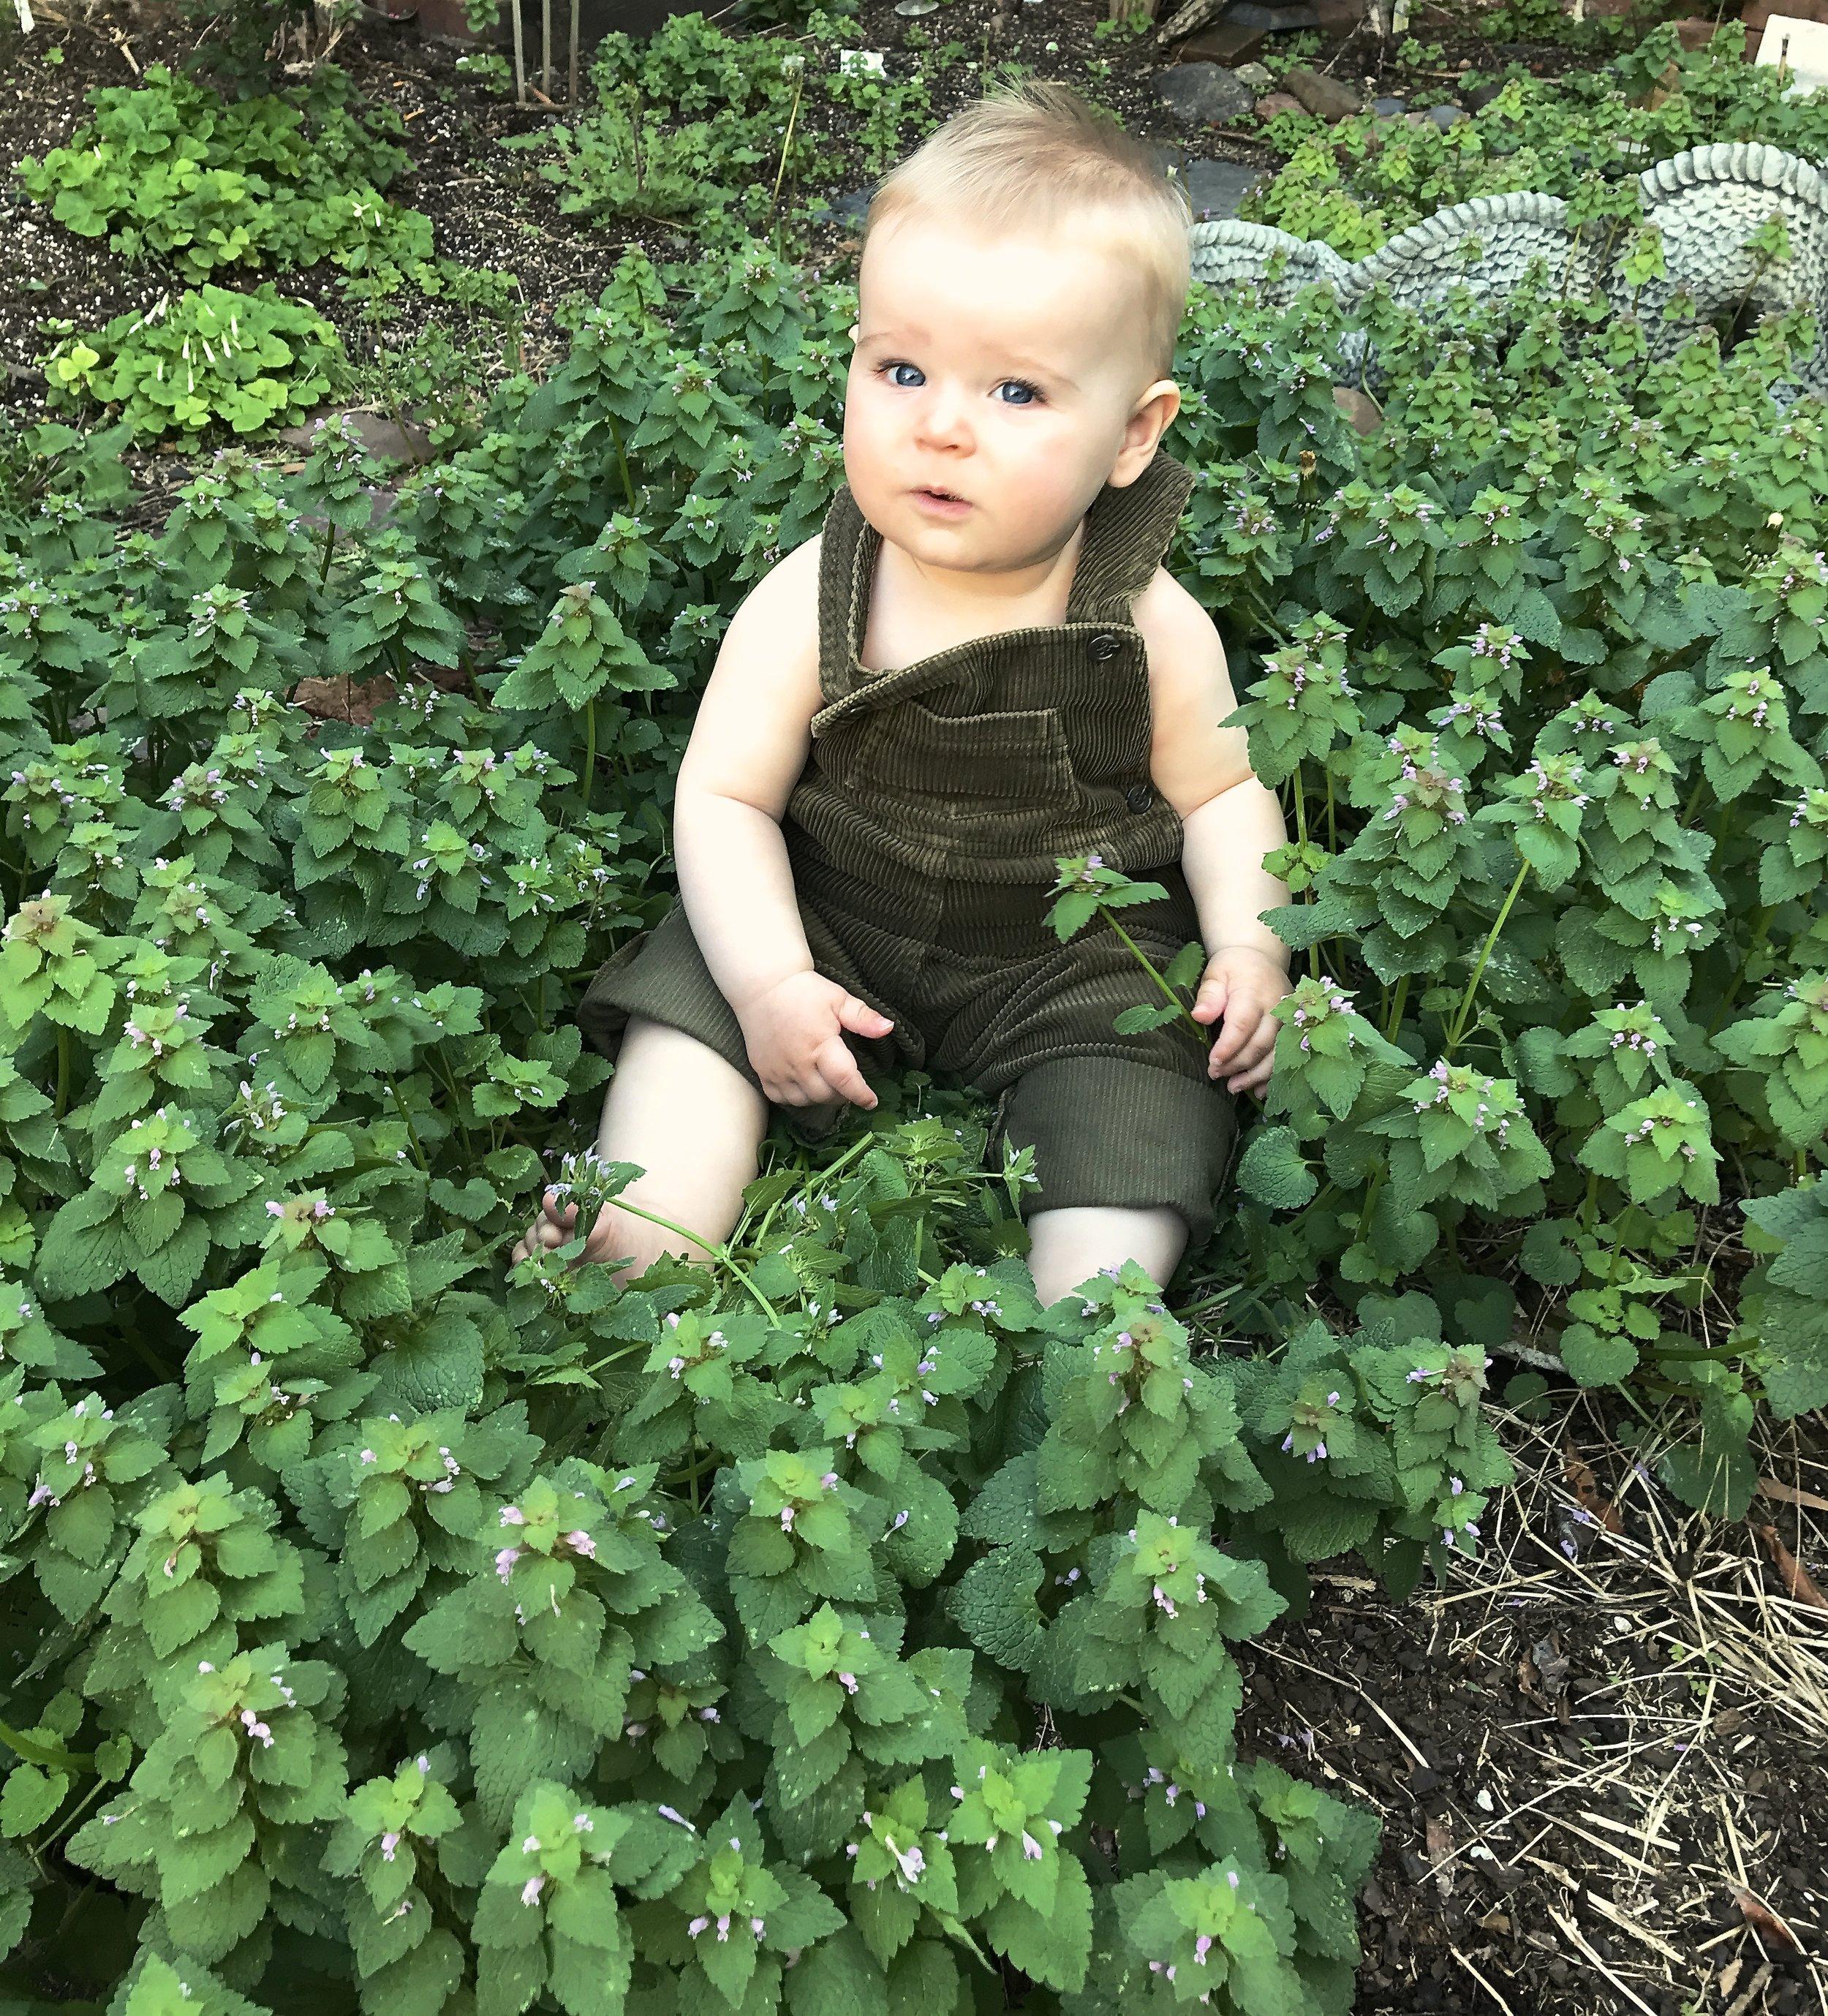 Finnleyingreenflowers